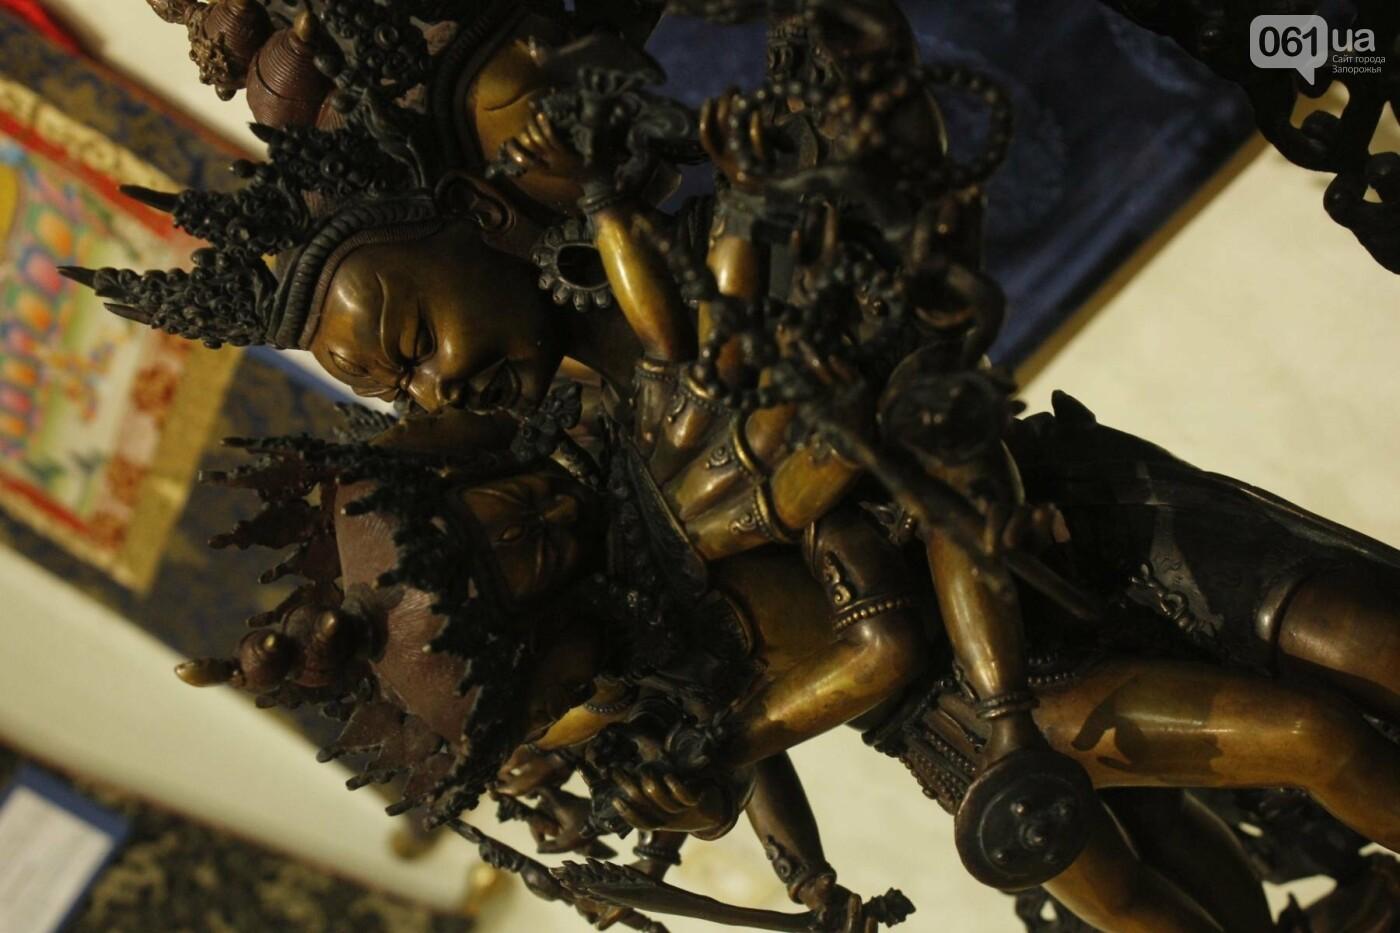 """В Запорожье выставка """"Сокровища Тибета"""" открыла Дни буддийской культуры, - ФОТОРЕПОРТАЖ, фото-28"""